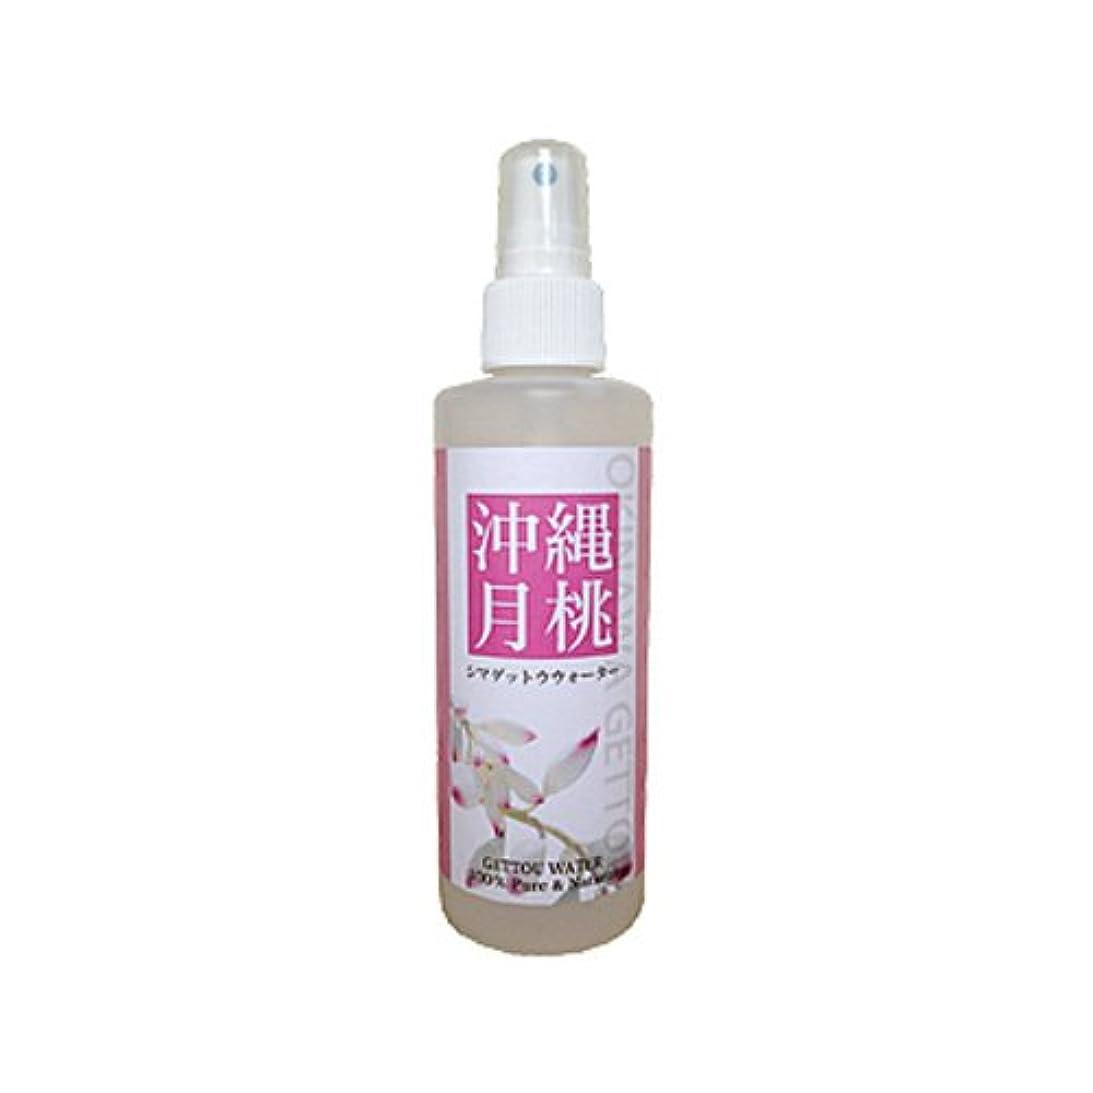 軽食パトロンポイント月桃蒸留水 フローラルウォーター シマ月桃葉100%使用 200ml